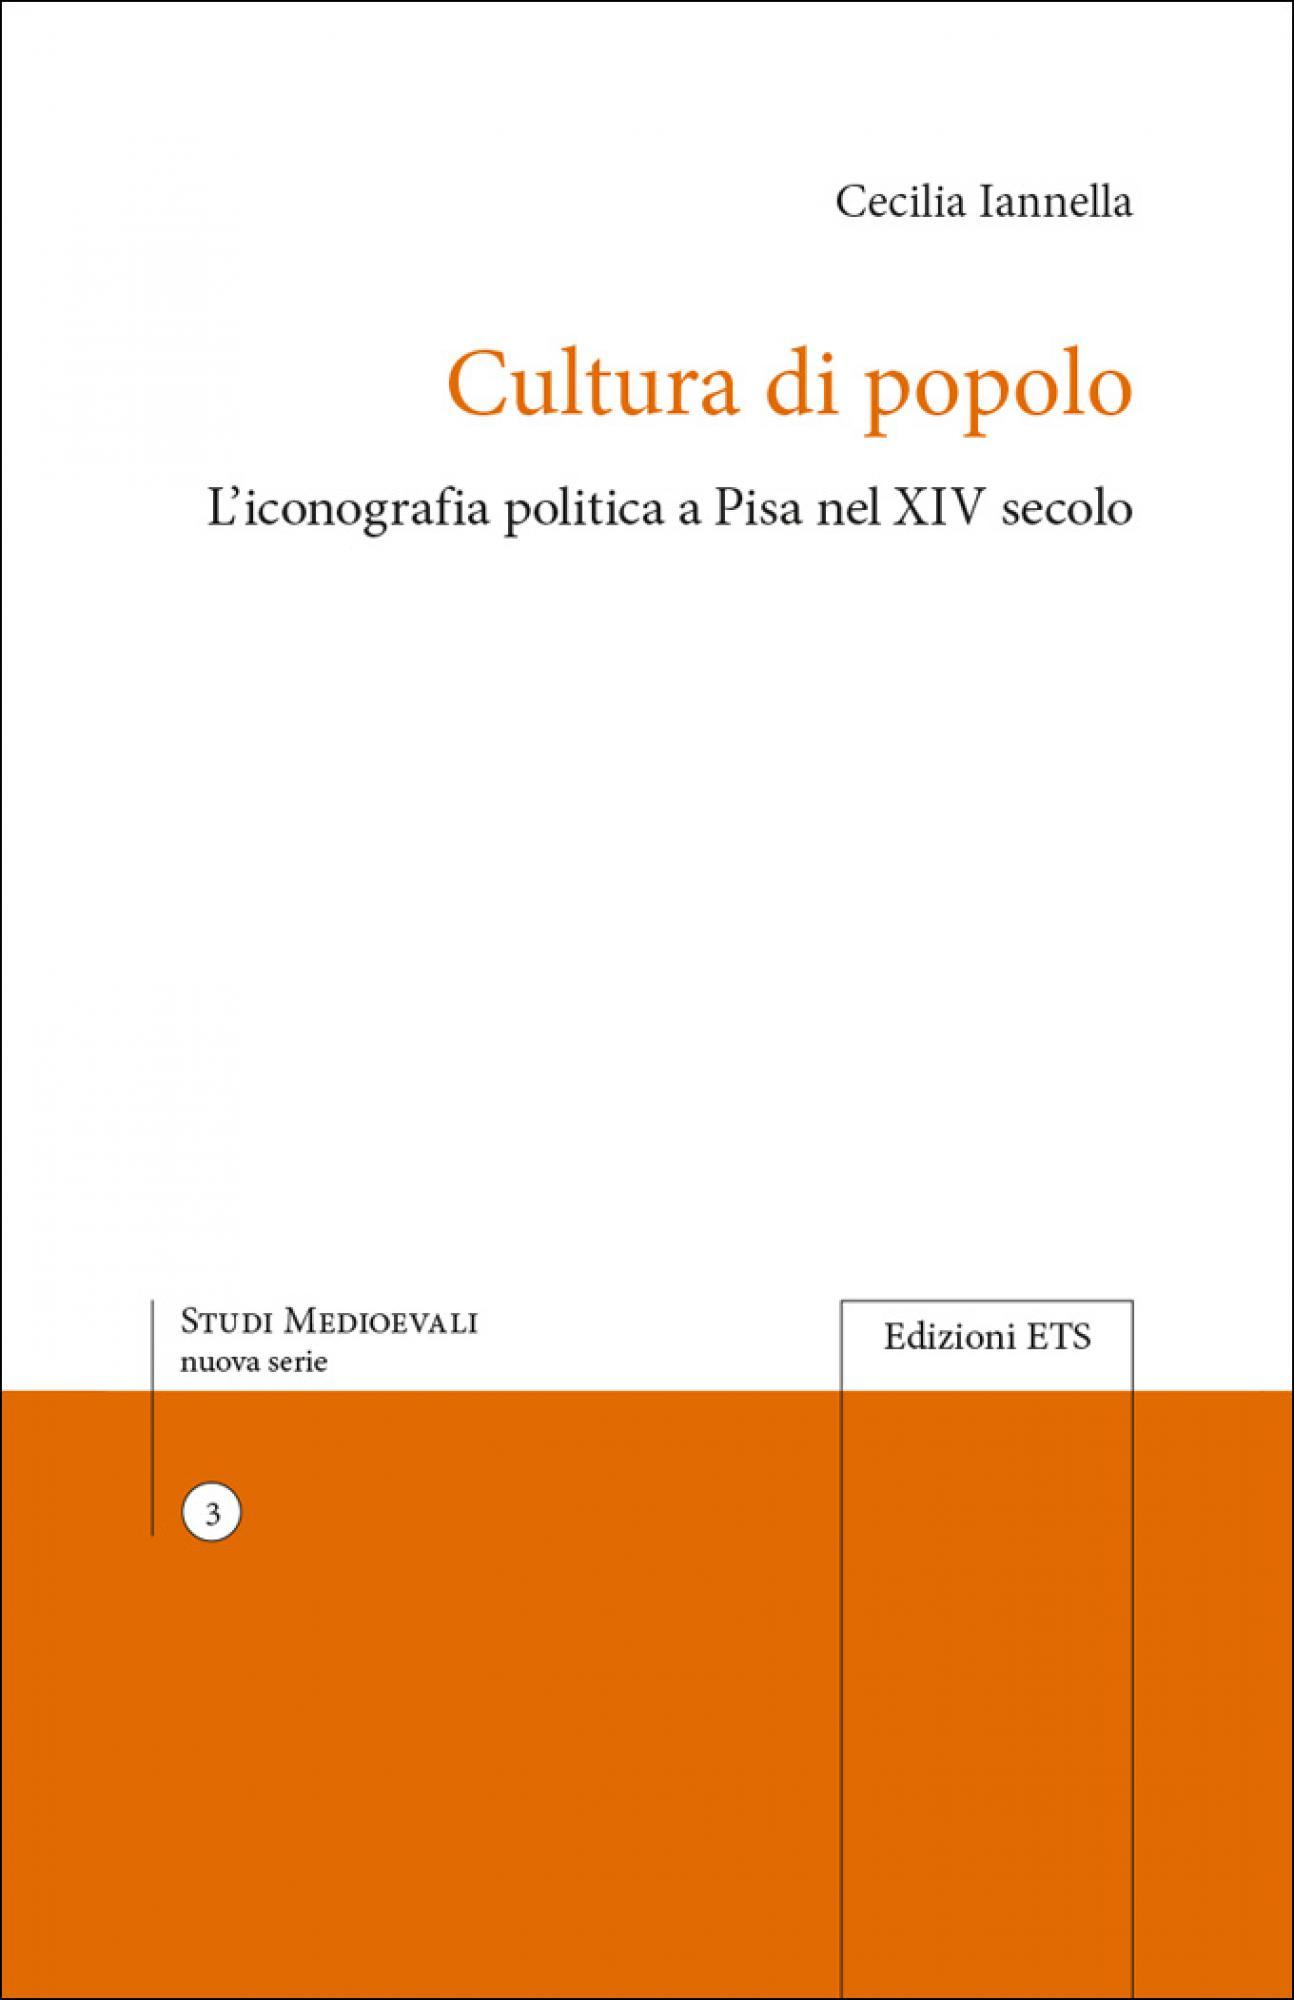 Cultura di popolo.L'iconografia politica a Pisa nel XIV secolo